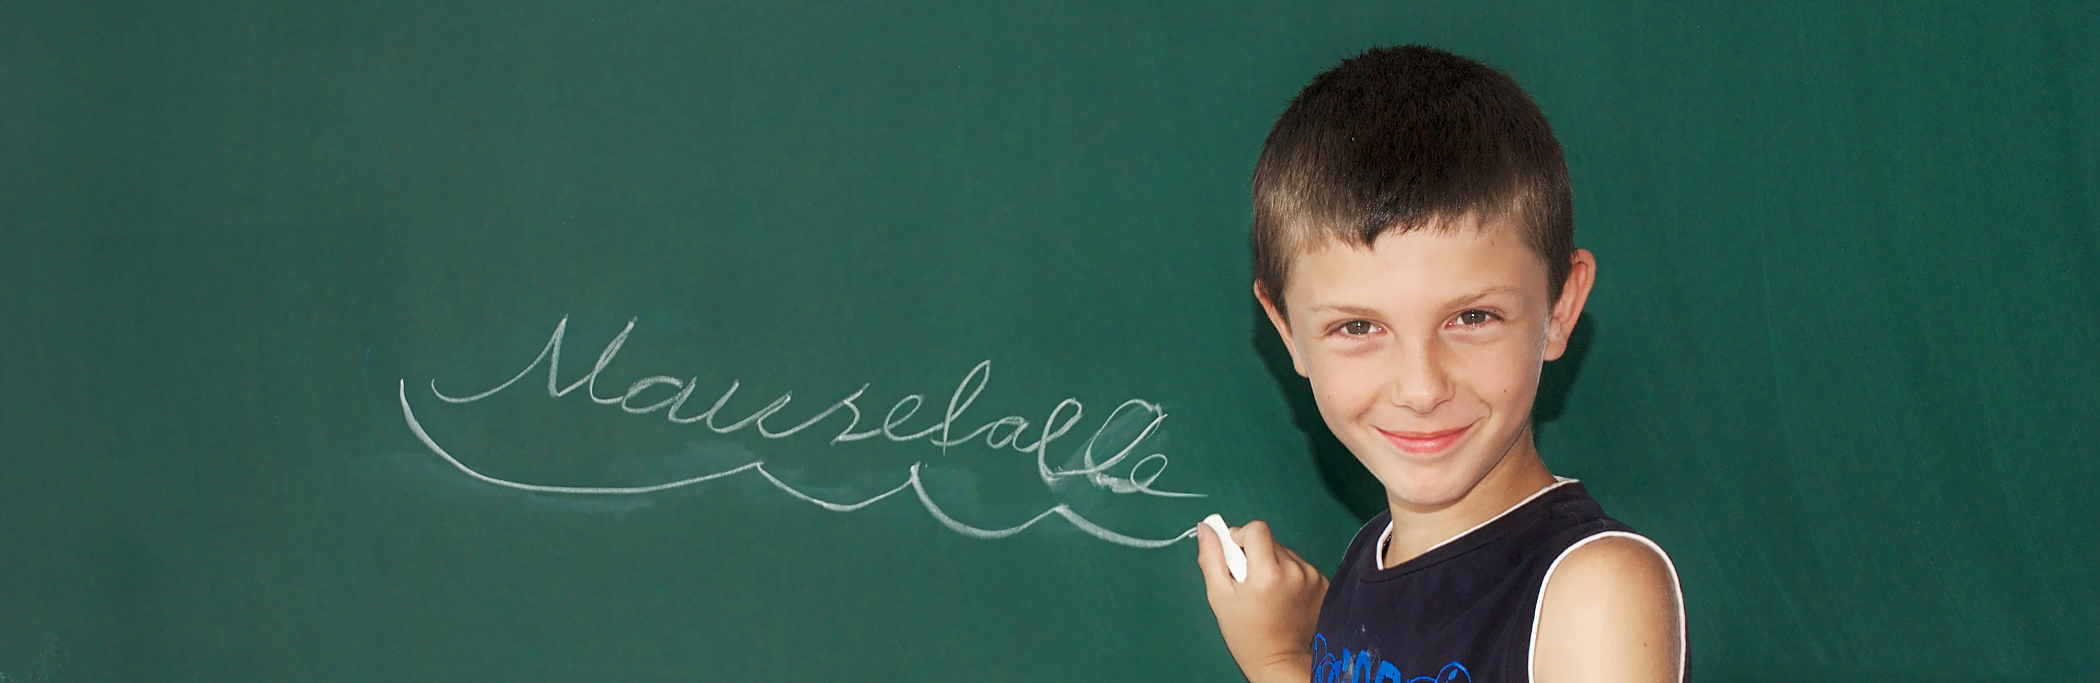 Richtig schreiben trotz Lese-Rechtschreib-Störung - mit der richtigen Methode zum Erfolg